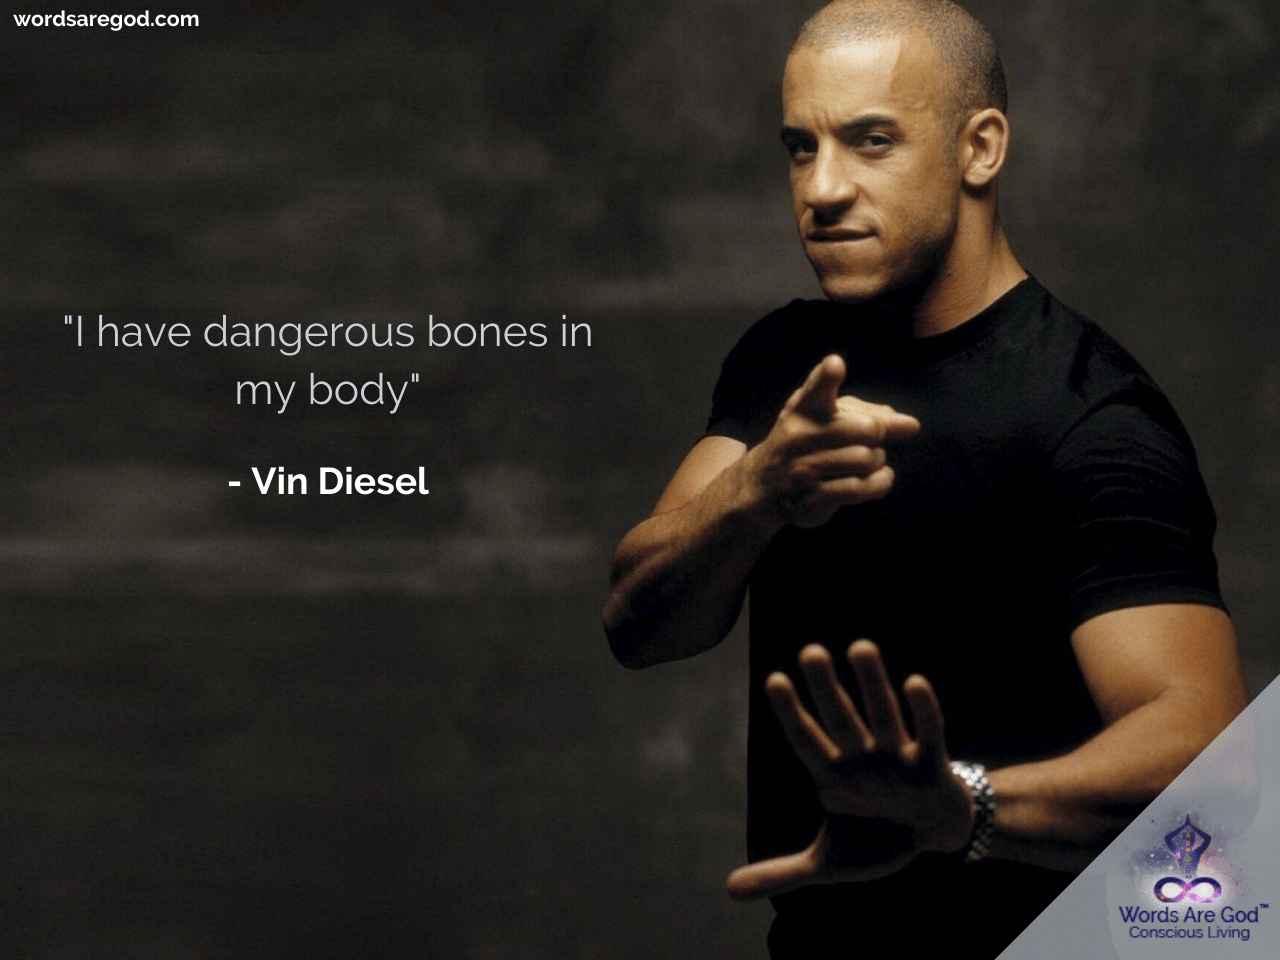 Zitate englisch diesel vin Vin Diesel